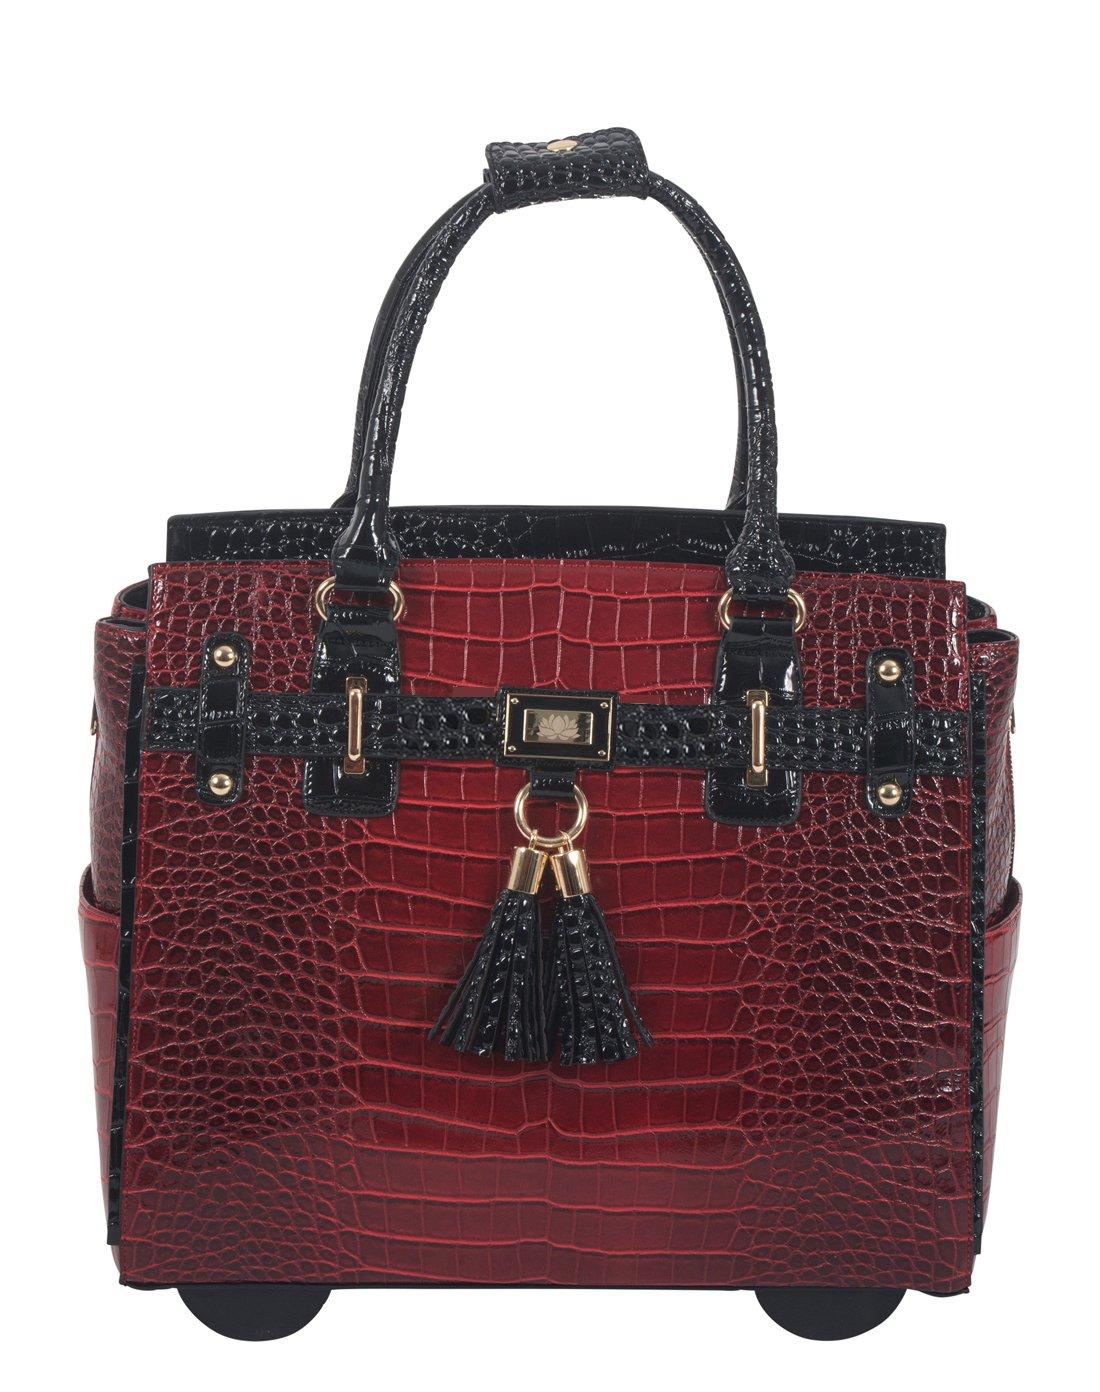 WESTLAKE Burgundy Black Alligator Computer iPad, Laptop Tablet Rolling Tote Bag Briefcase Carryall Bag